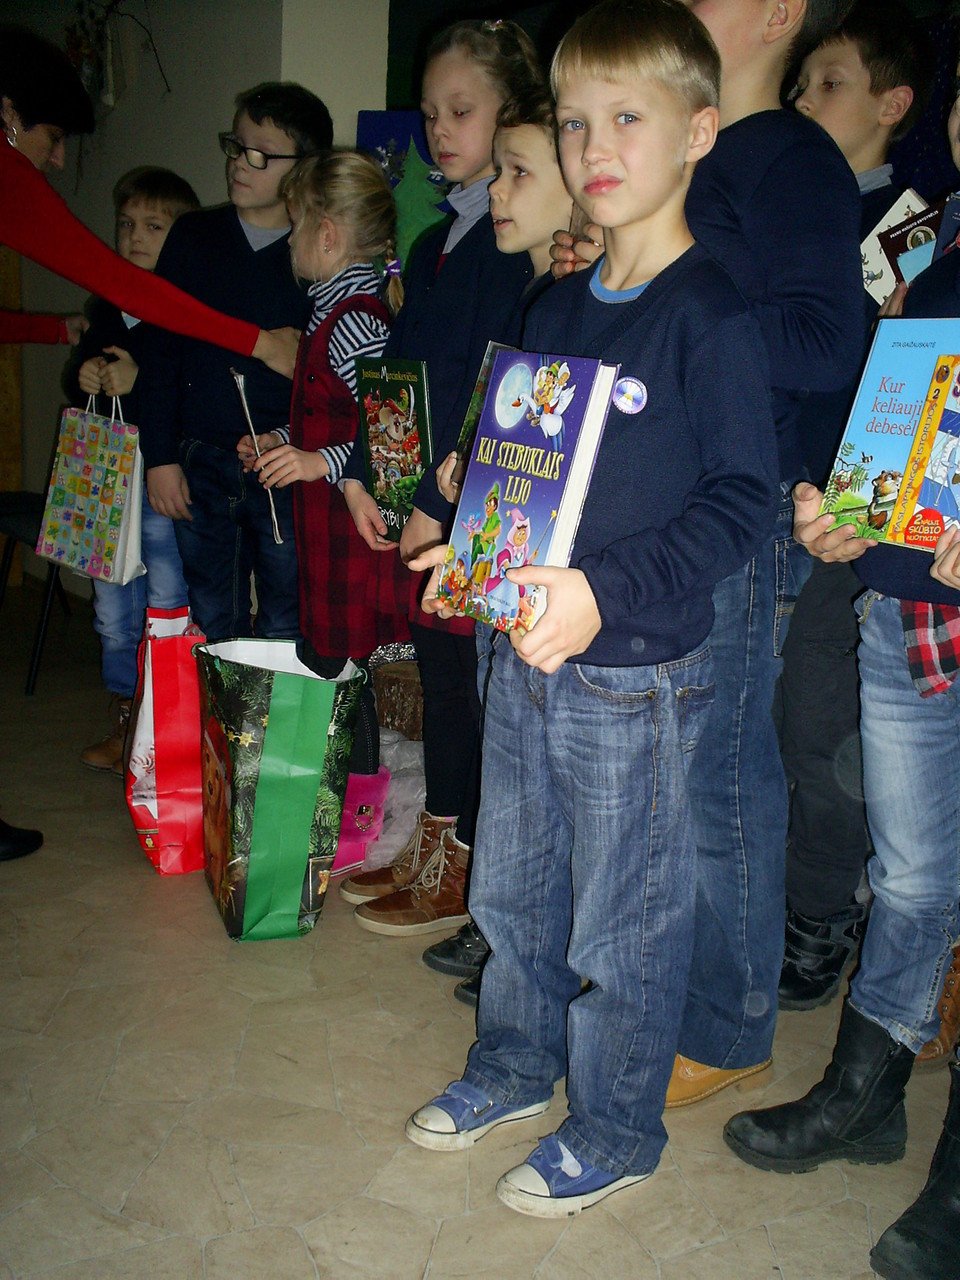 Mokiniai, kurie atnešė ir padovanojo bibliotekai knygų